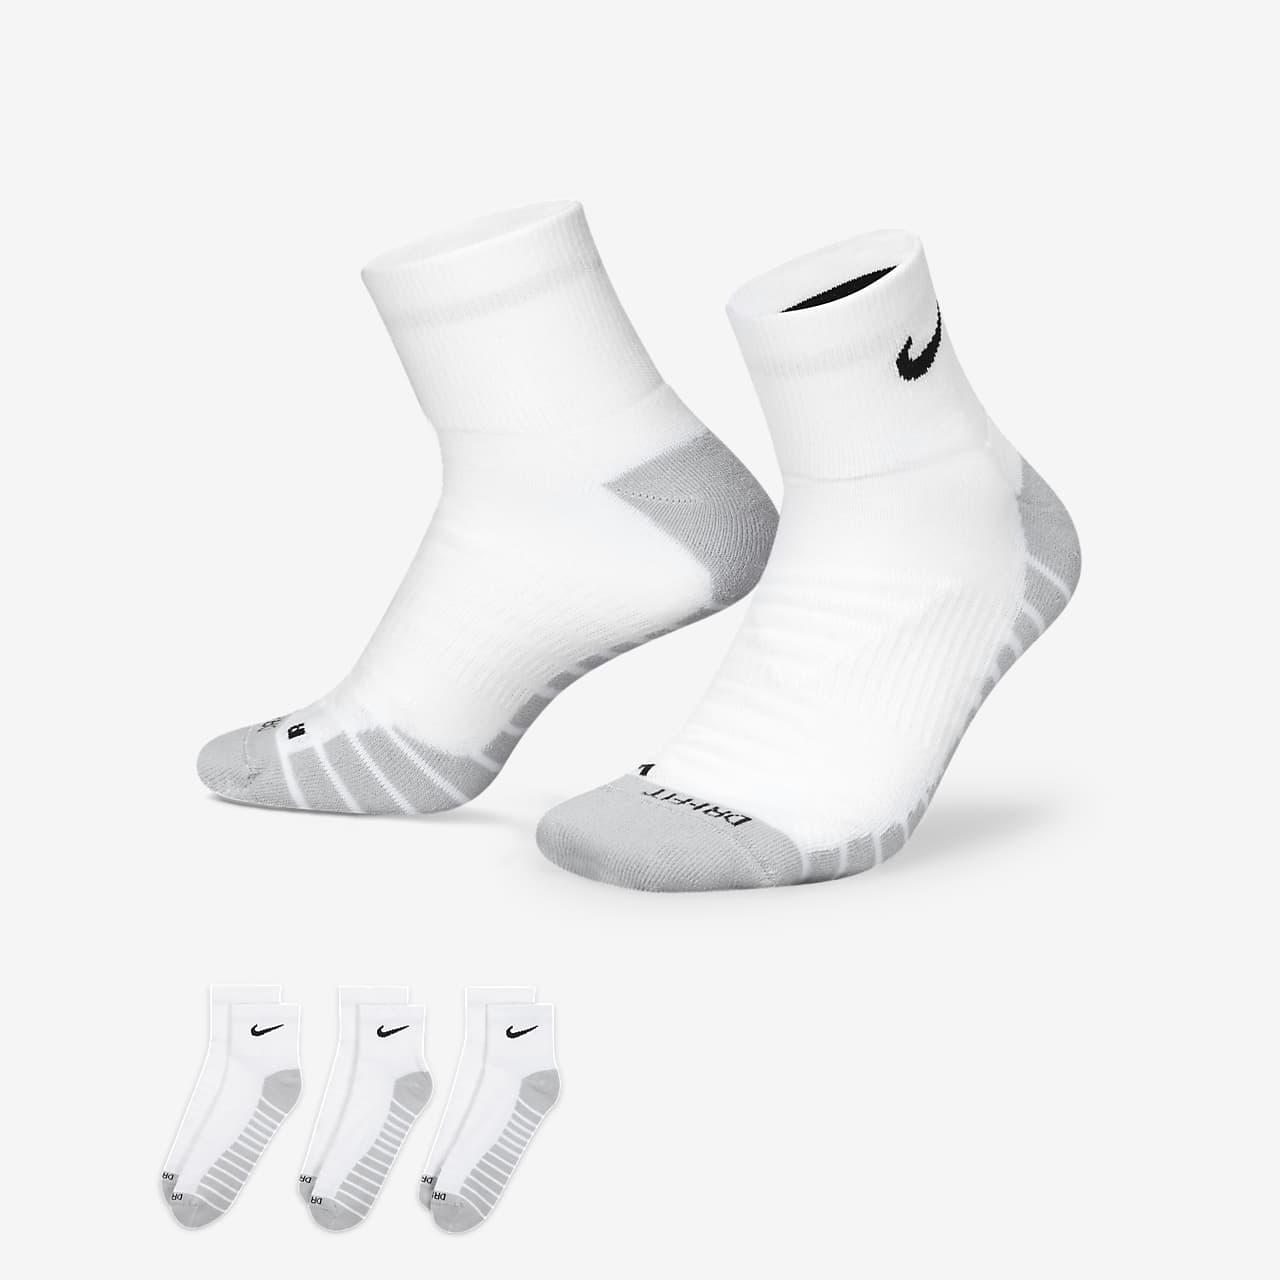 Κάλτσες προπόνησης Nike Dry Cushion Quarter (3 ζευγάρια)